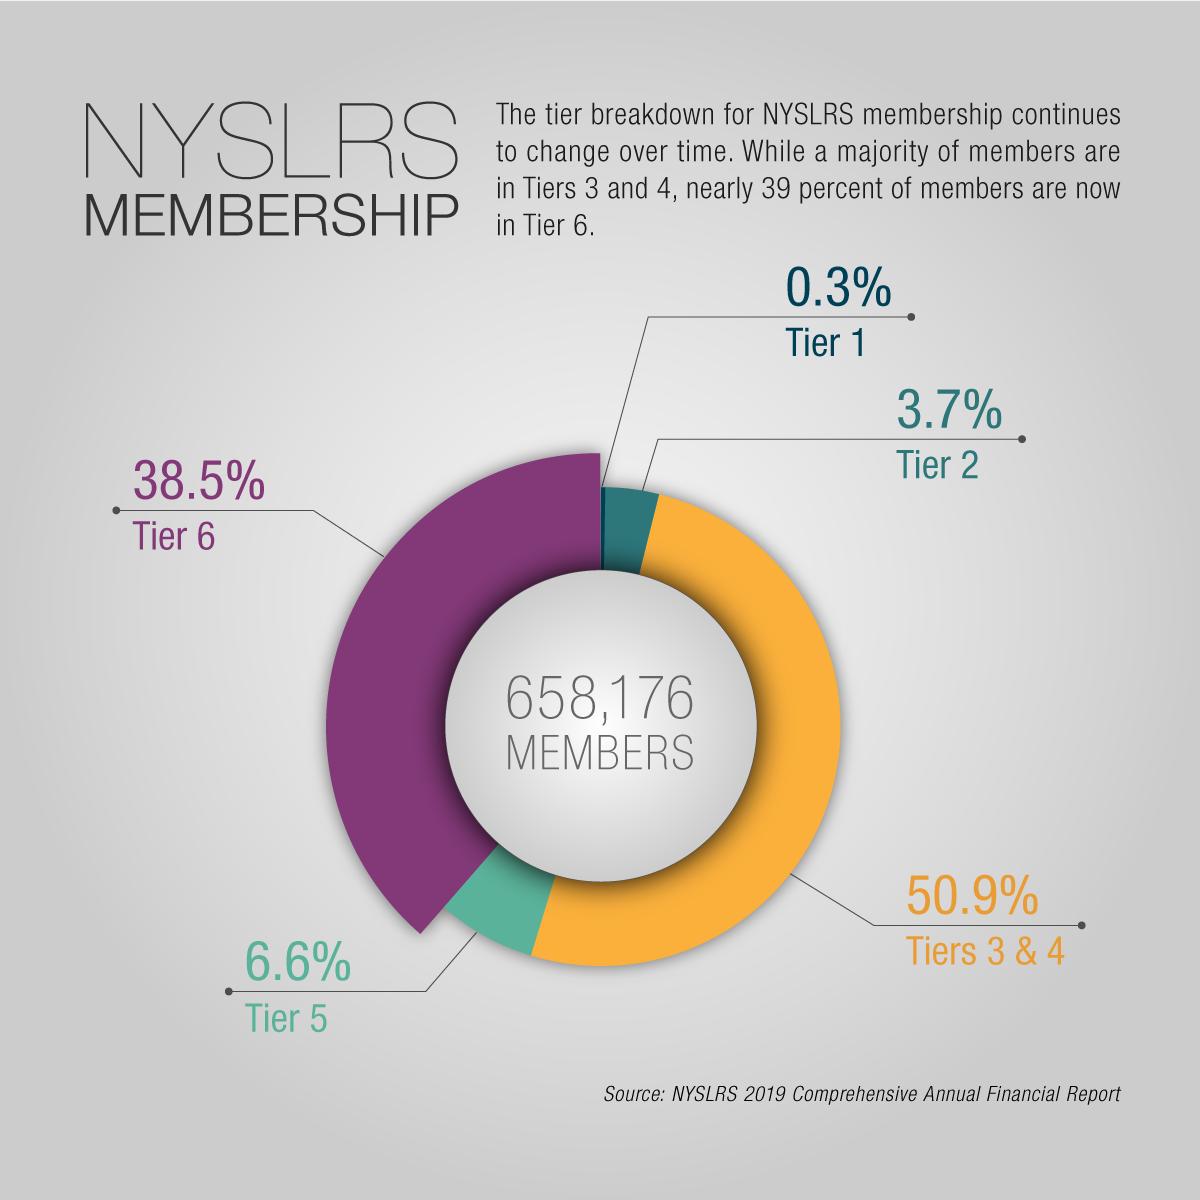 NYSLRS Membership